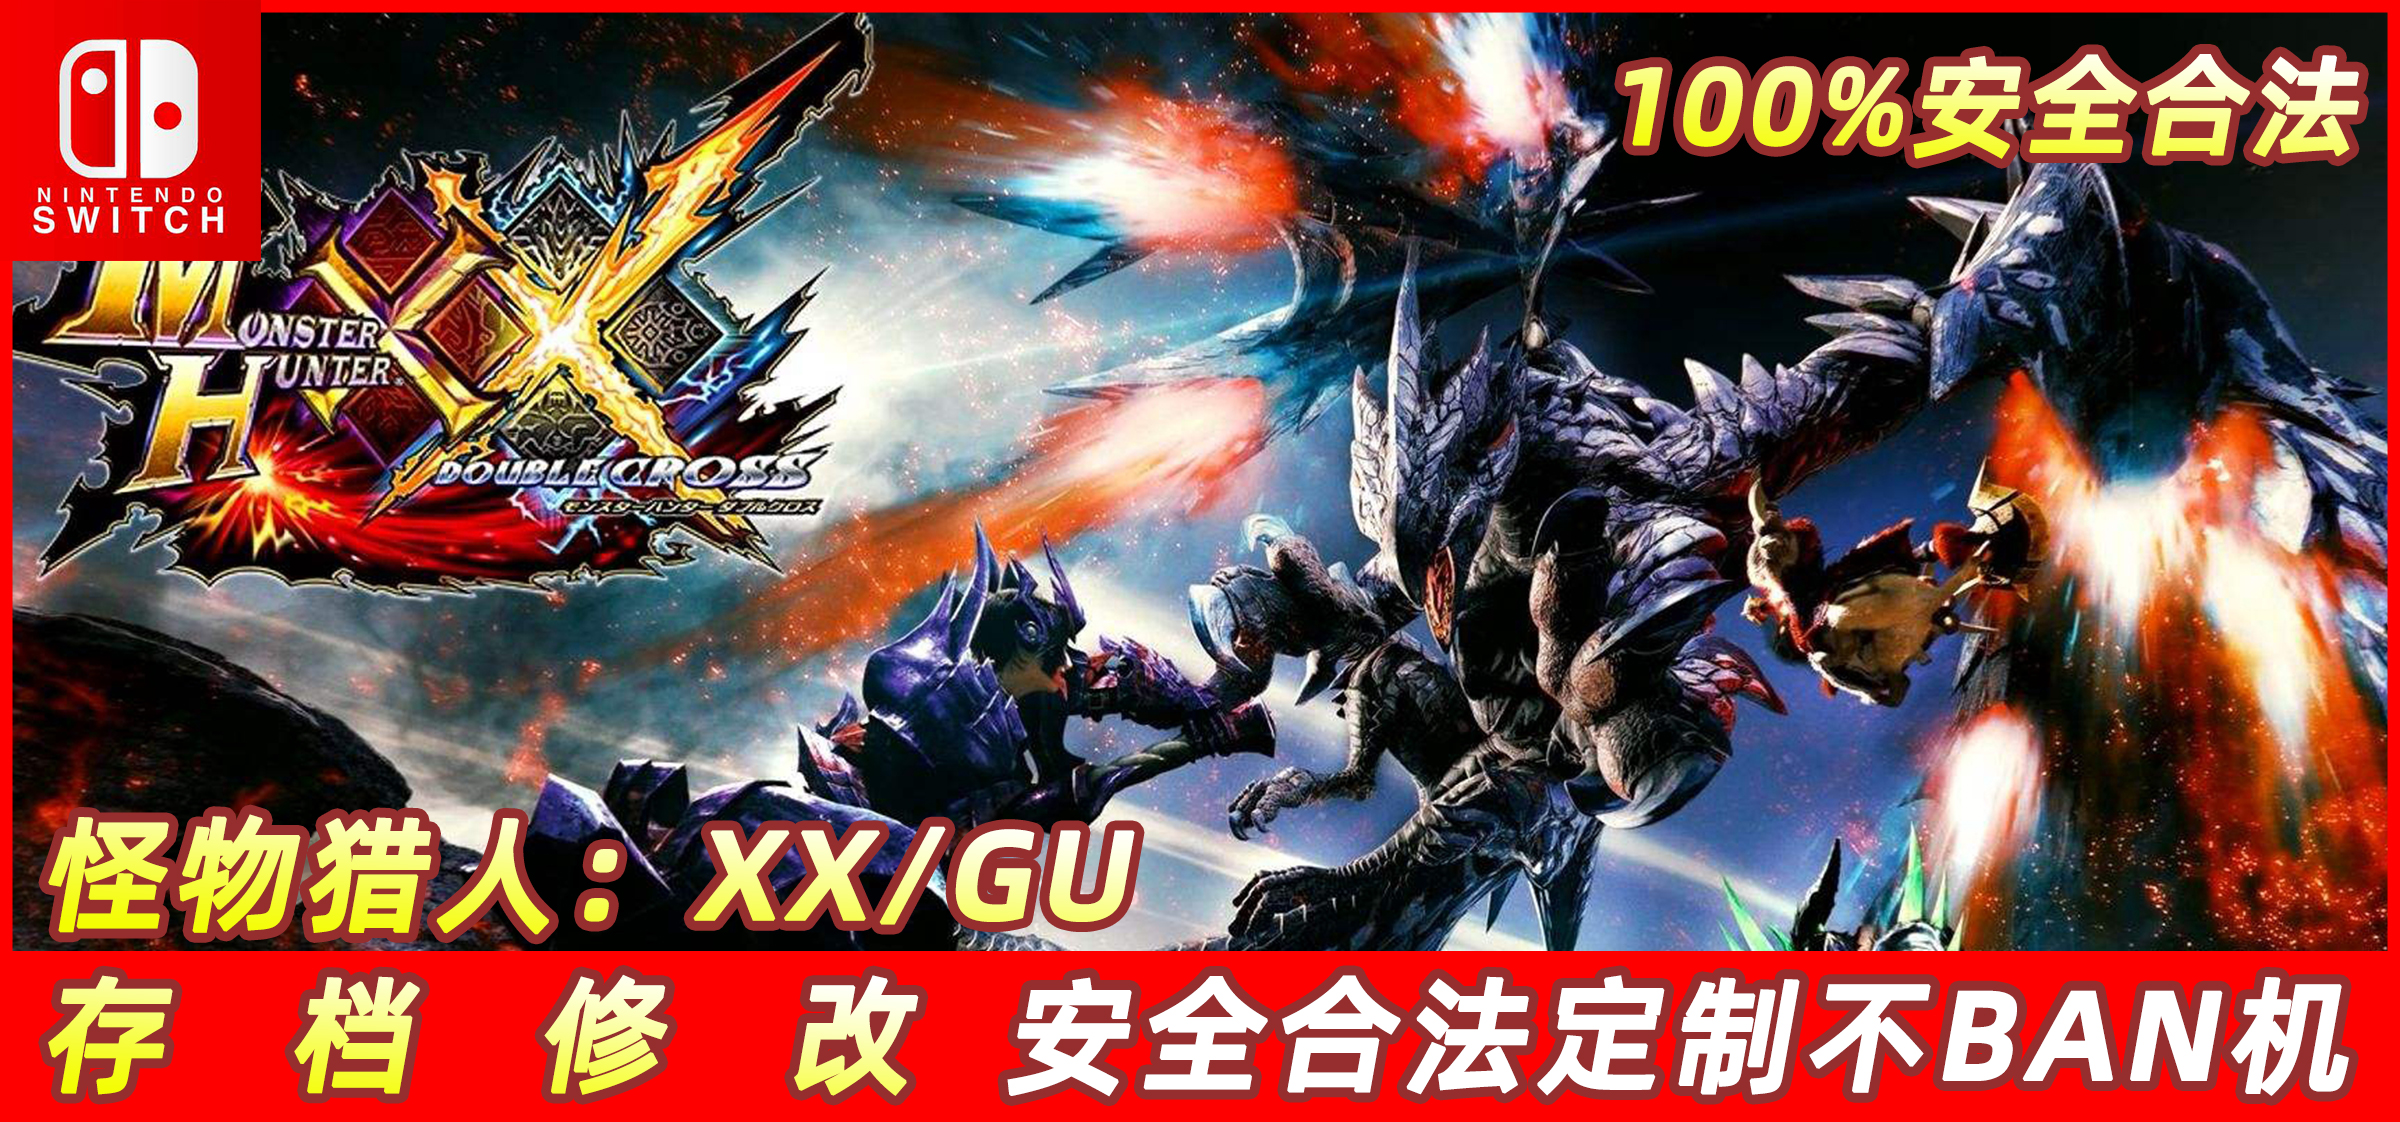 Switch游戏 怪物猎人:XX/GU存档修改